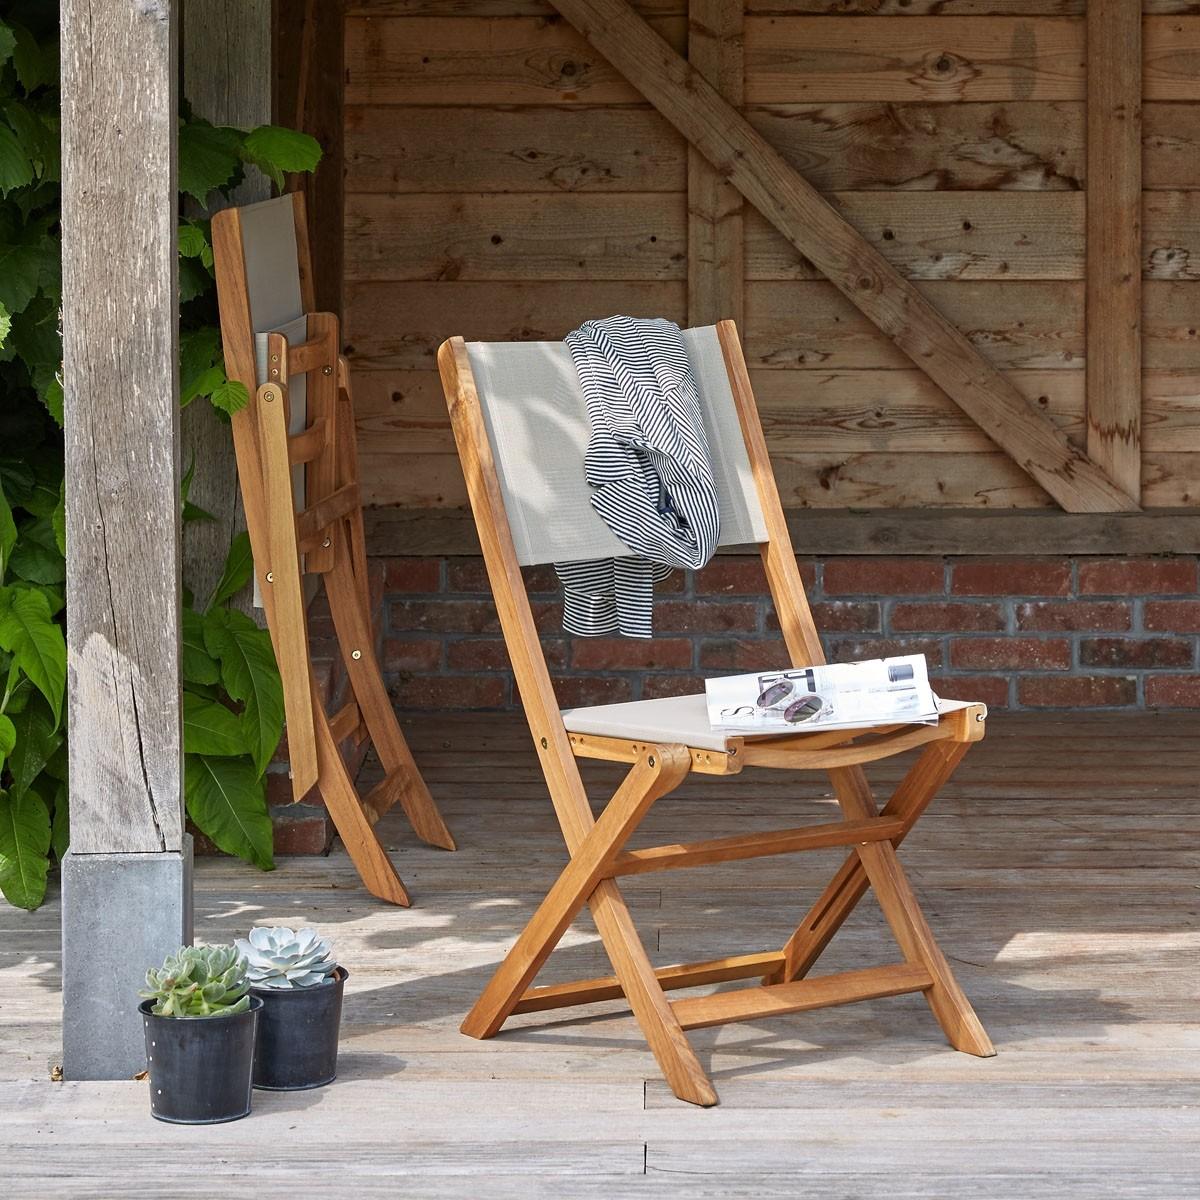 Salon de jardin en bois d\'acacia FSC 4 places | Bois Dessus Bois ...